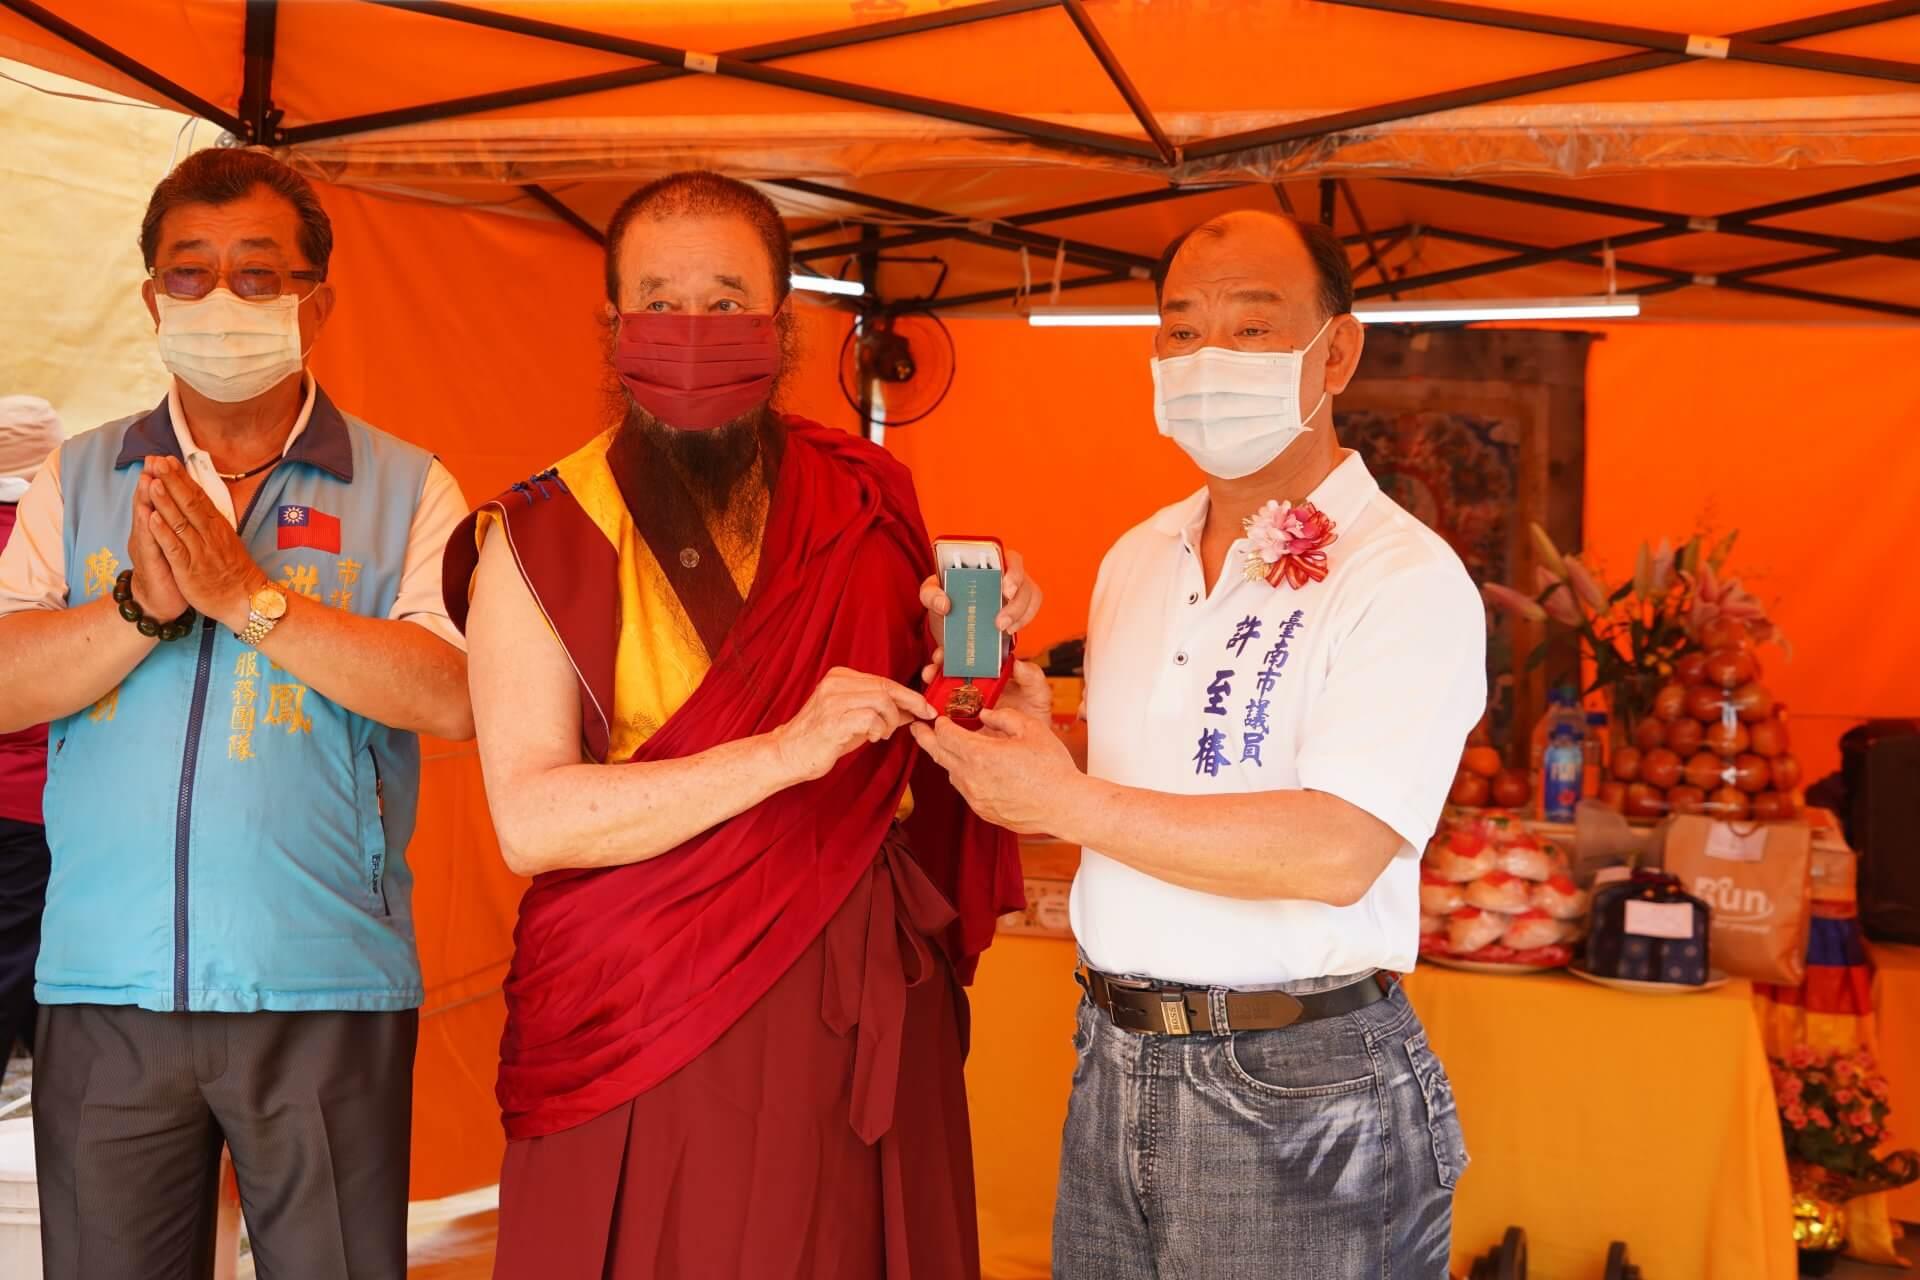 行動佛殿130站台南大興公園,本會指導上師恆性嘉措仁波且(左)致贈議員許至椿(右)珍貴加持物綠度母墜子